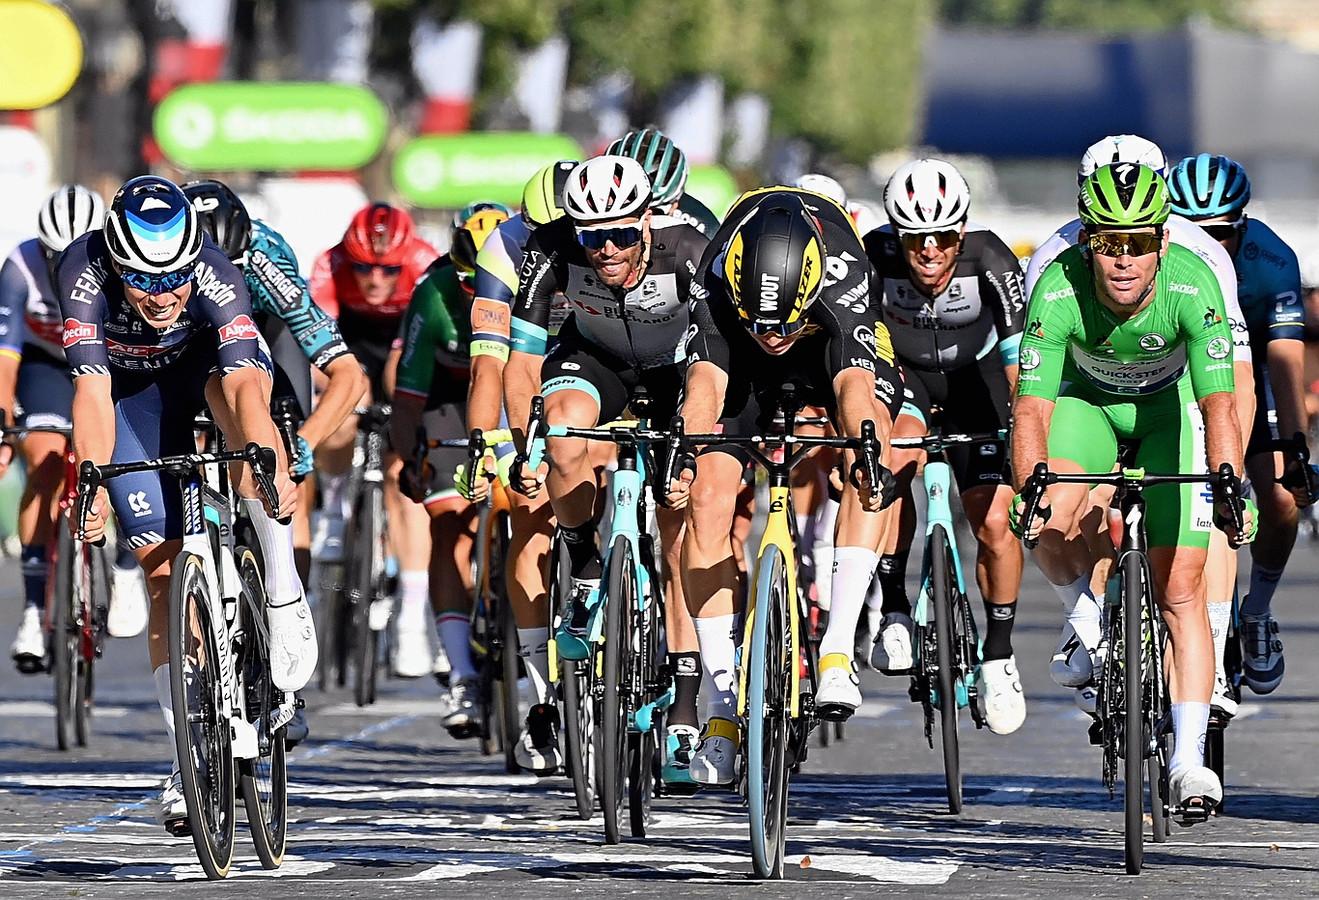 Wout van Aert wint voor Jumbo Visma de slotetappe van de Tour de France in Parijs. Hij drukt als eerste zijn blauwe Swap-voorwiel over de streep op de Champs-Élysées.